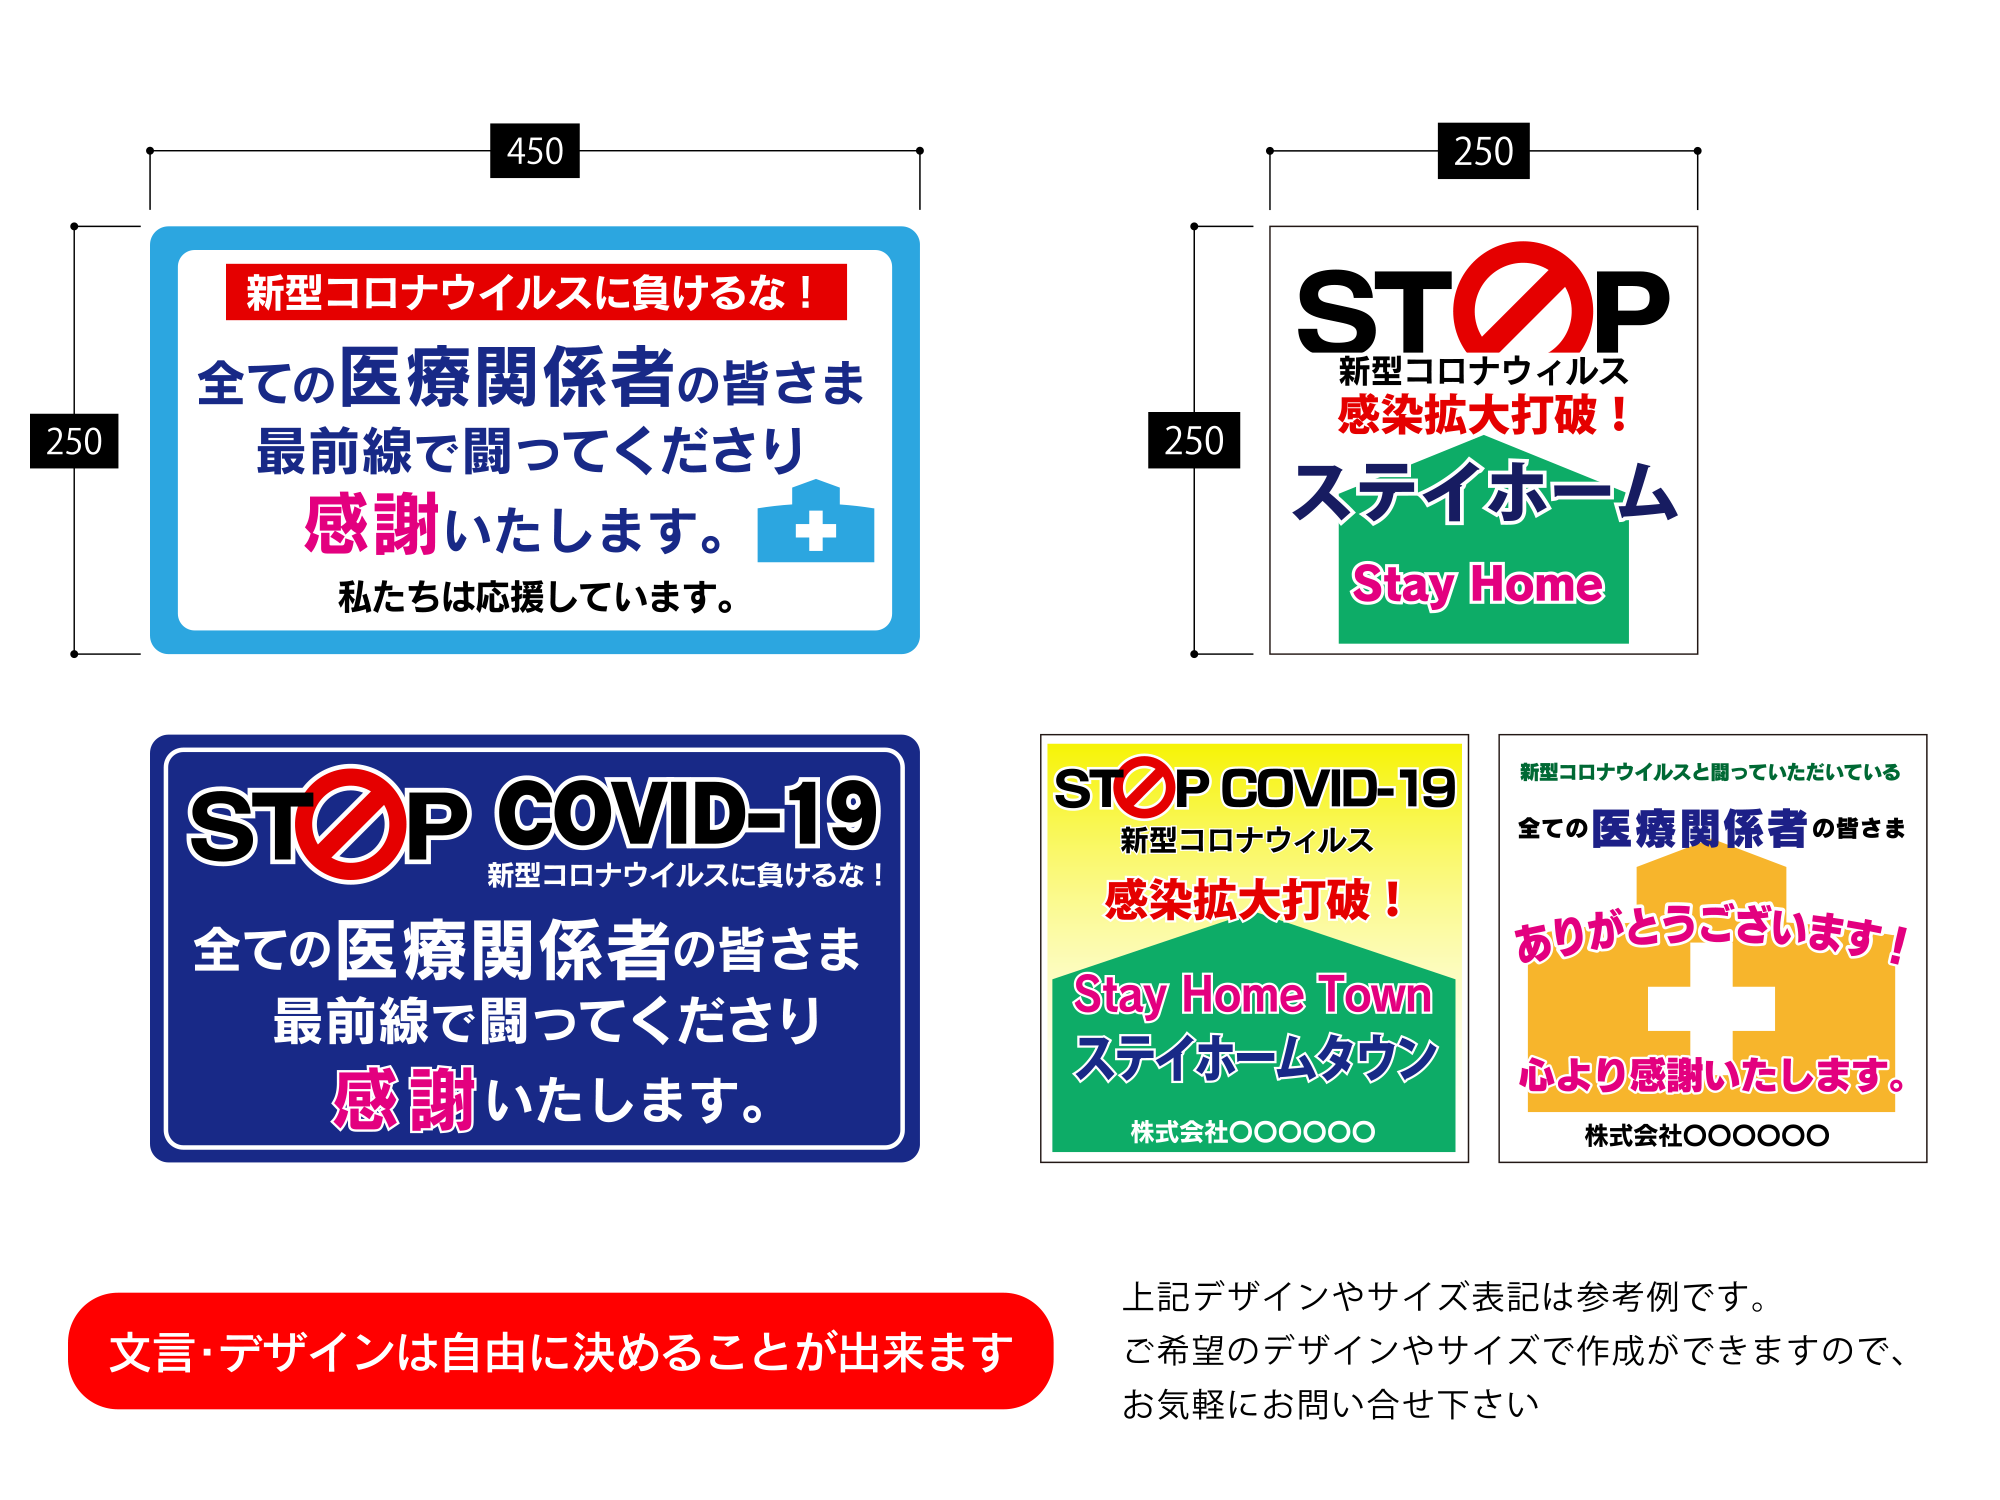 コロナウイルス感染予防対策 ステッカー